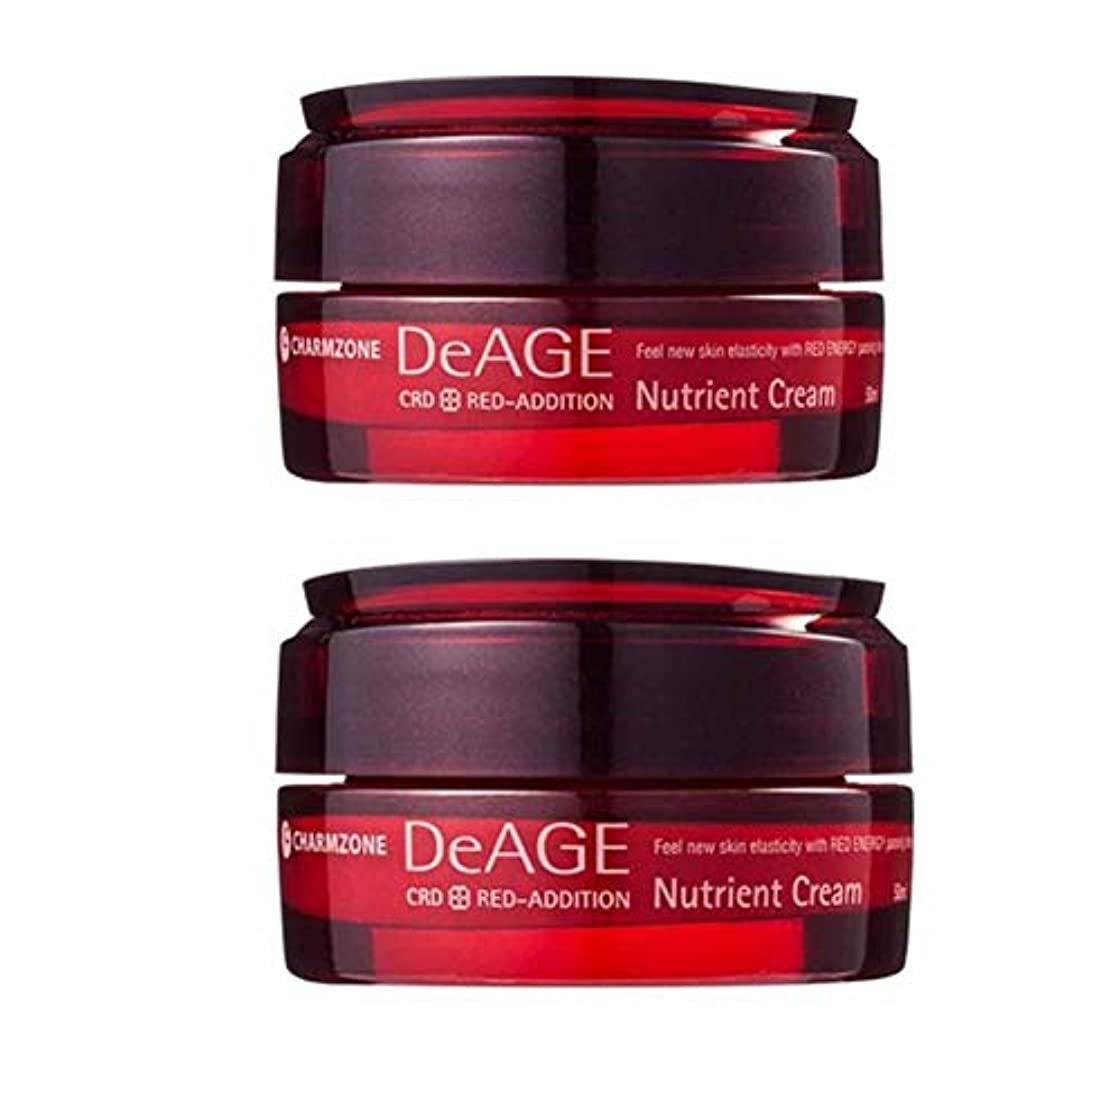 計り知れない裕福な売上高チャムジョンディエイジレッドエディションニュトゥリオントゥクリーム50ml x 2本セット 栄養クリーム, Charmzone DeAGE Red-Addition Nutrient Cream 50ml x 2ea Set...